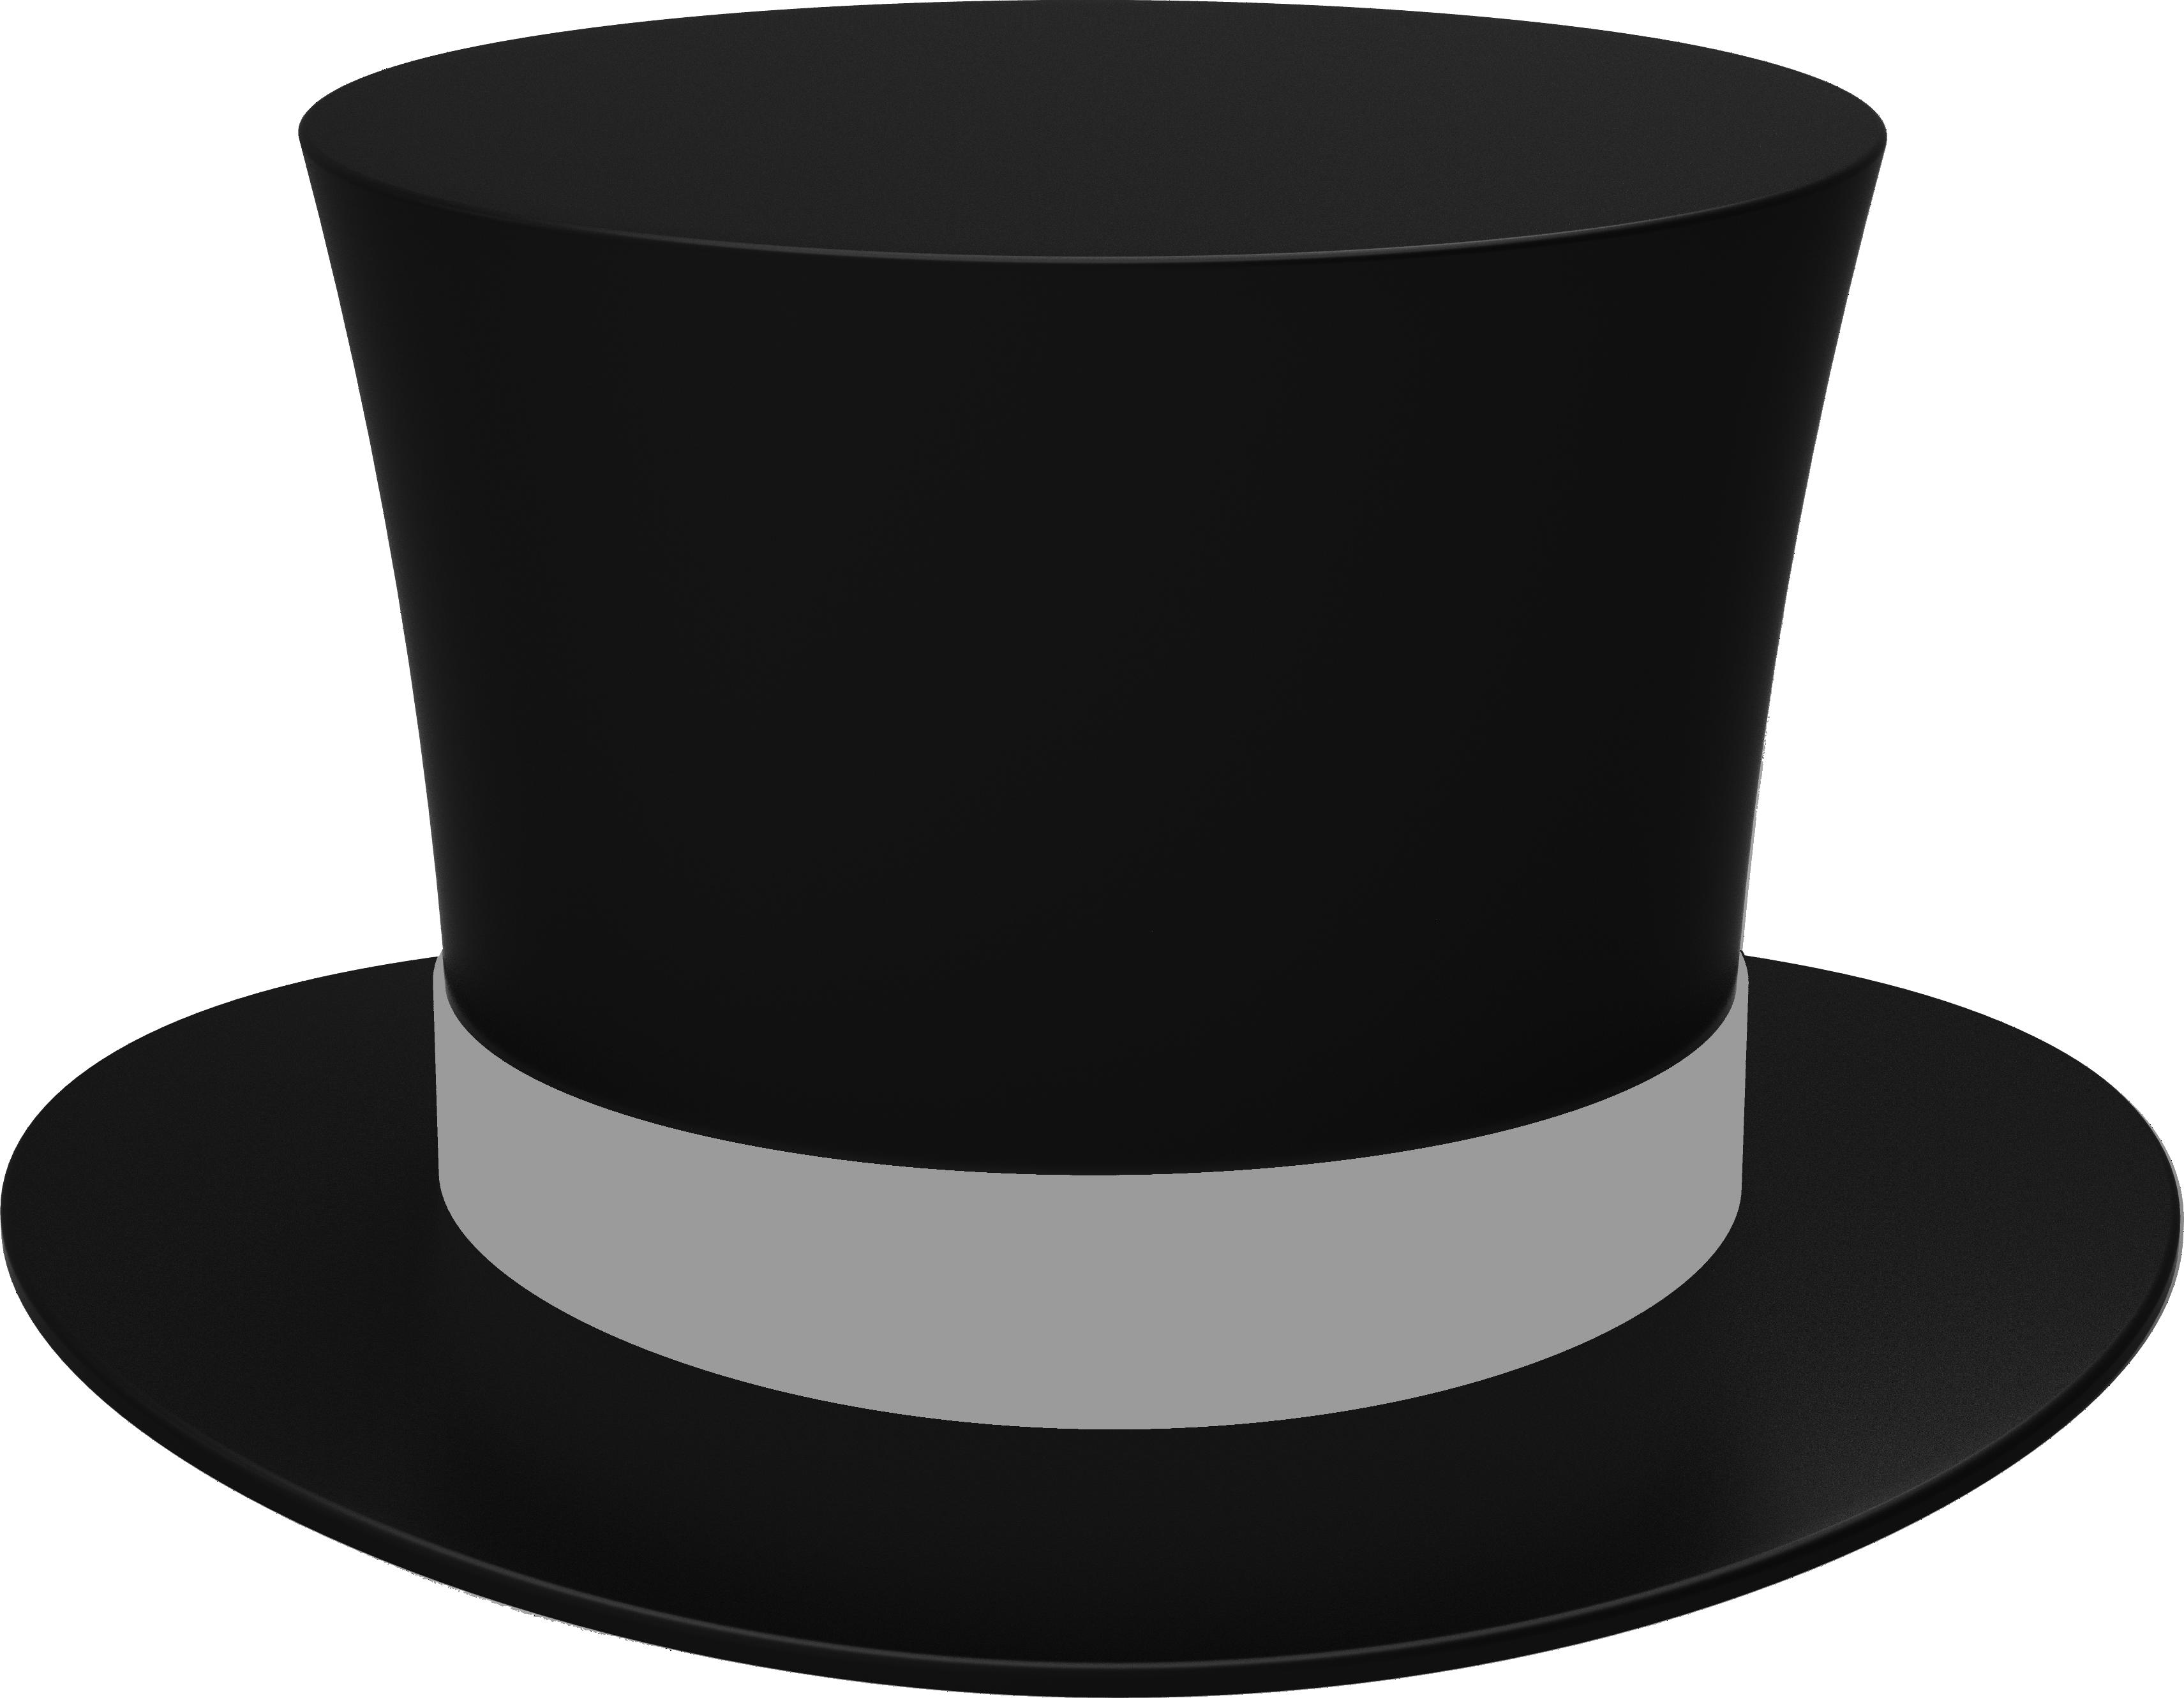 Cylinder hat PNG image